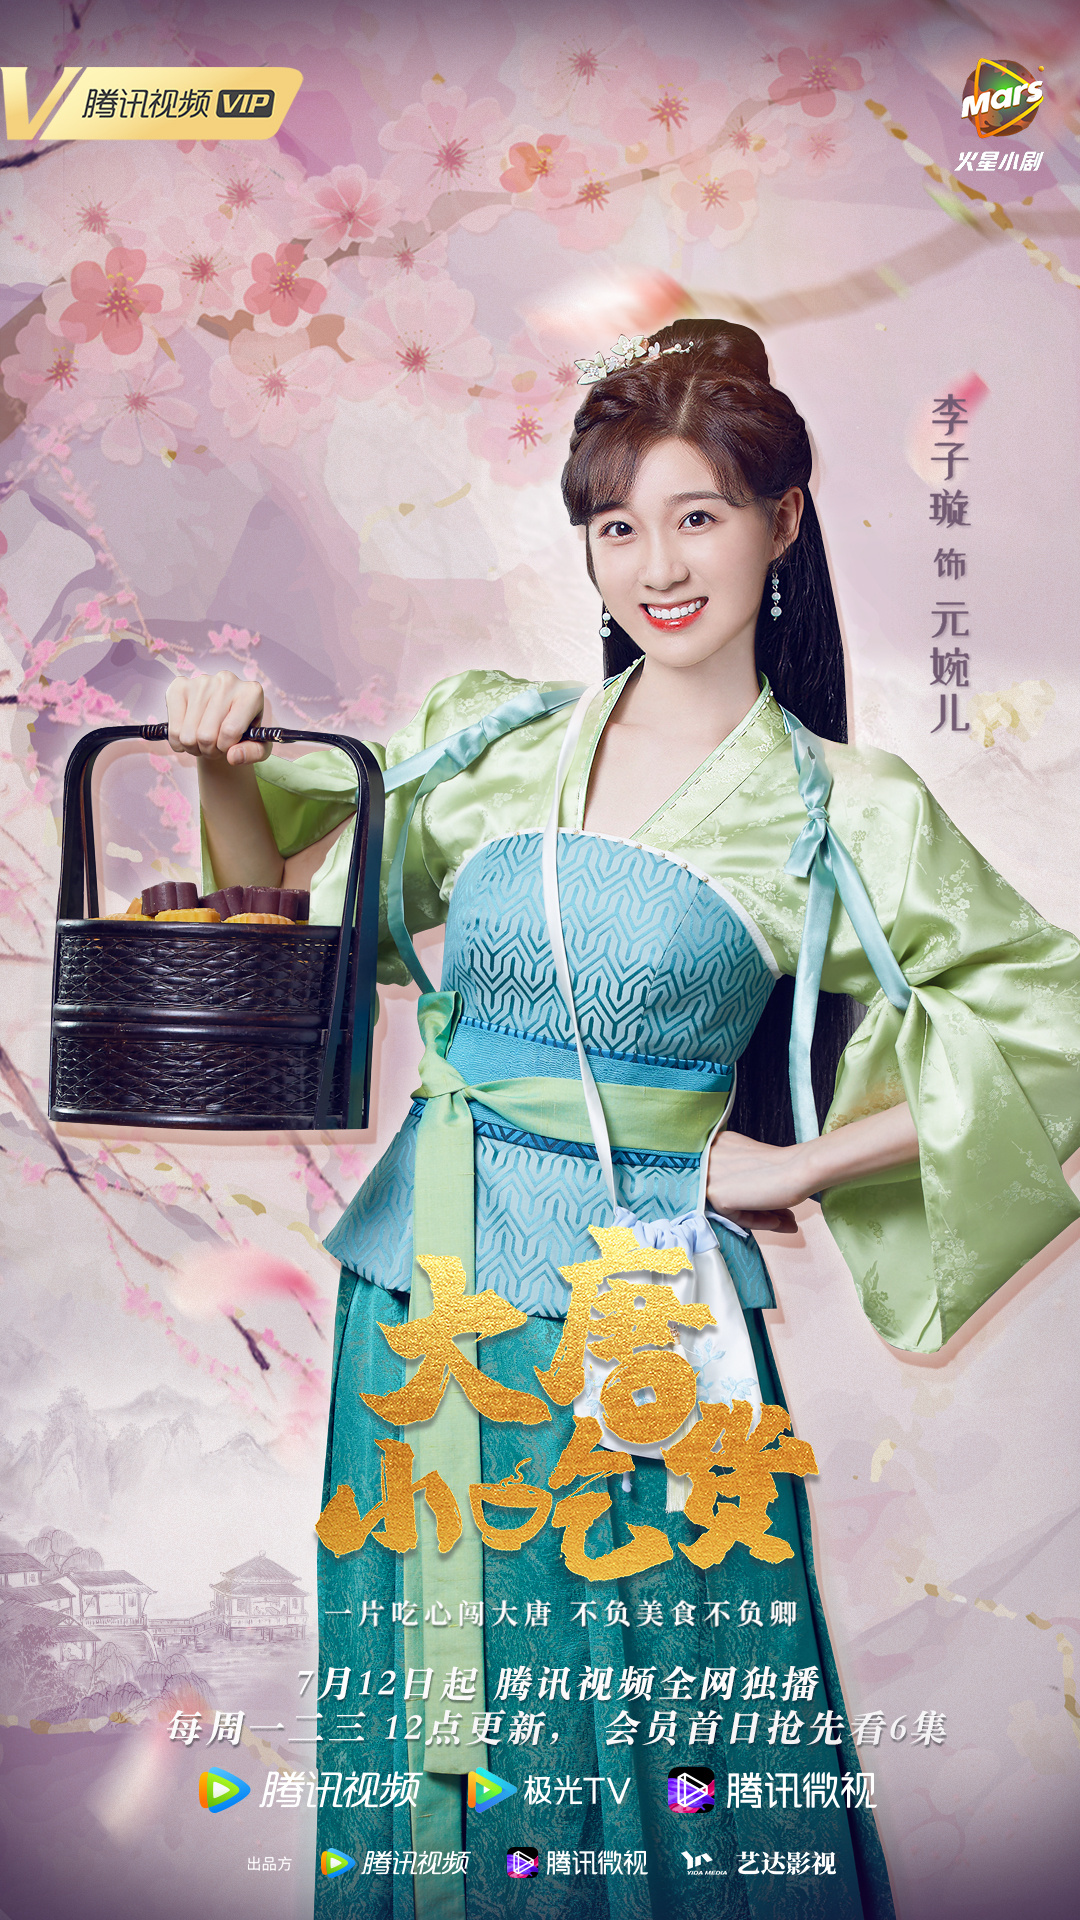 Li Zi Xuan